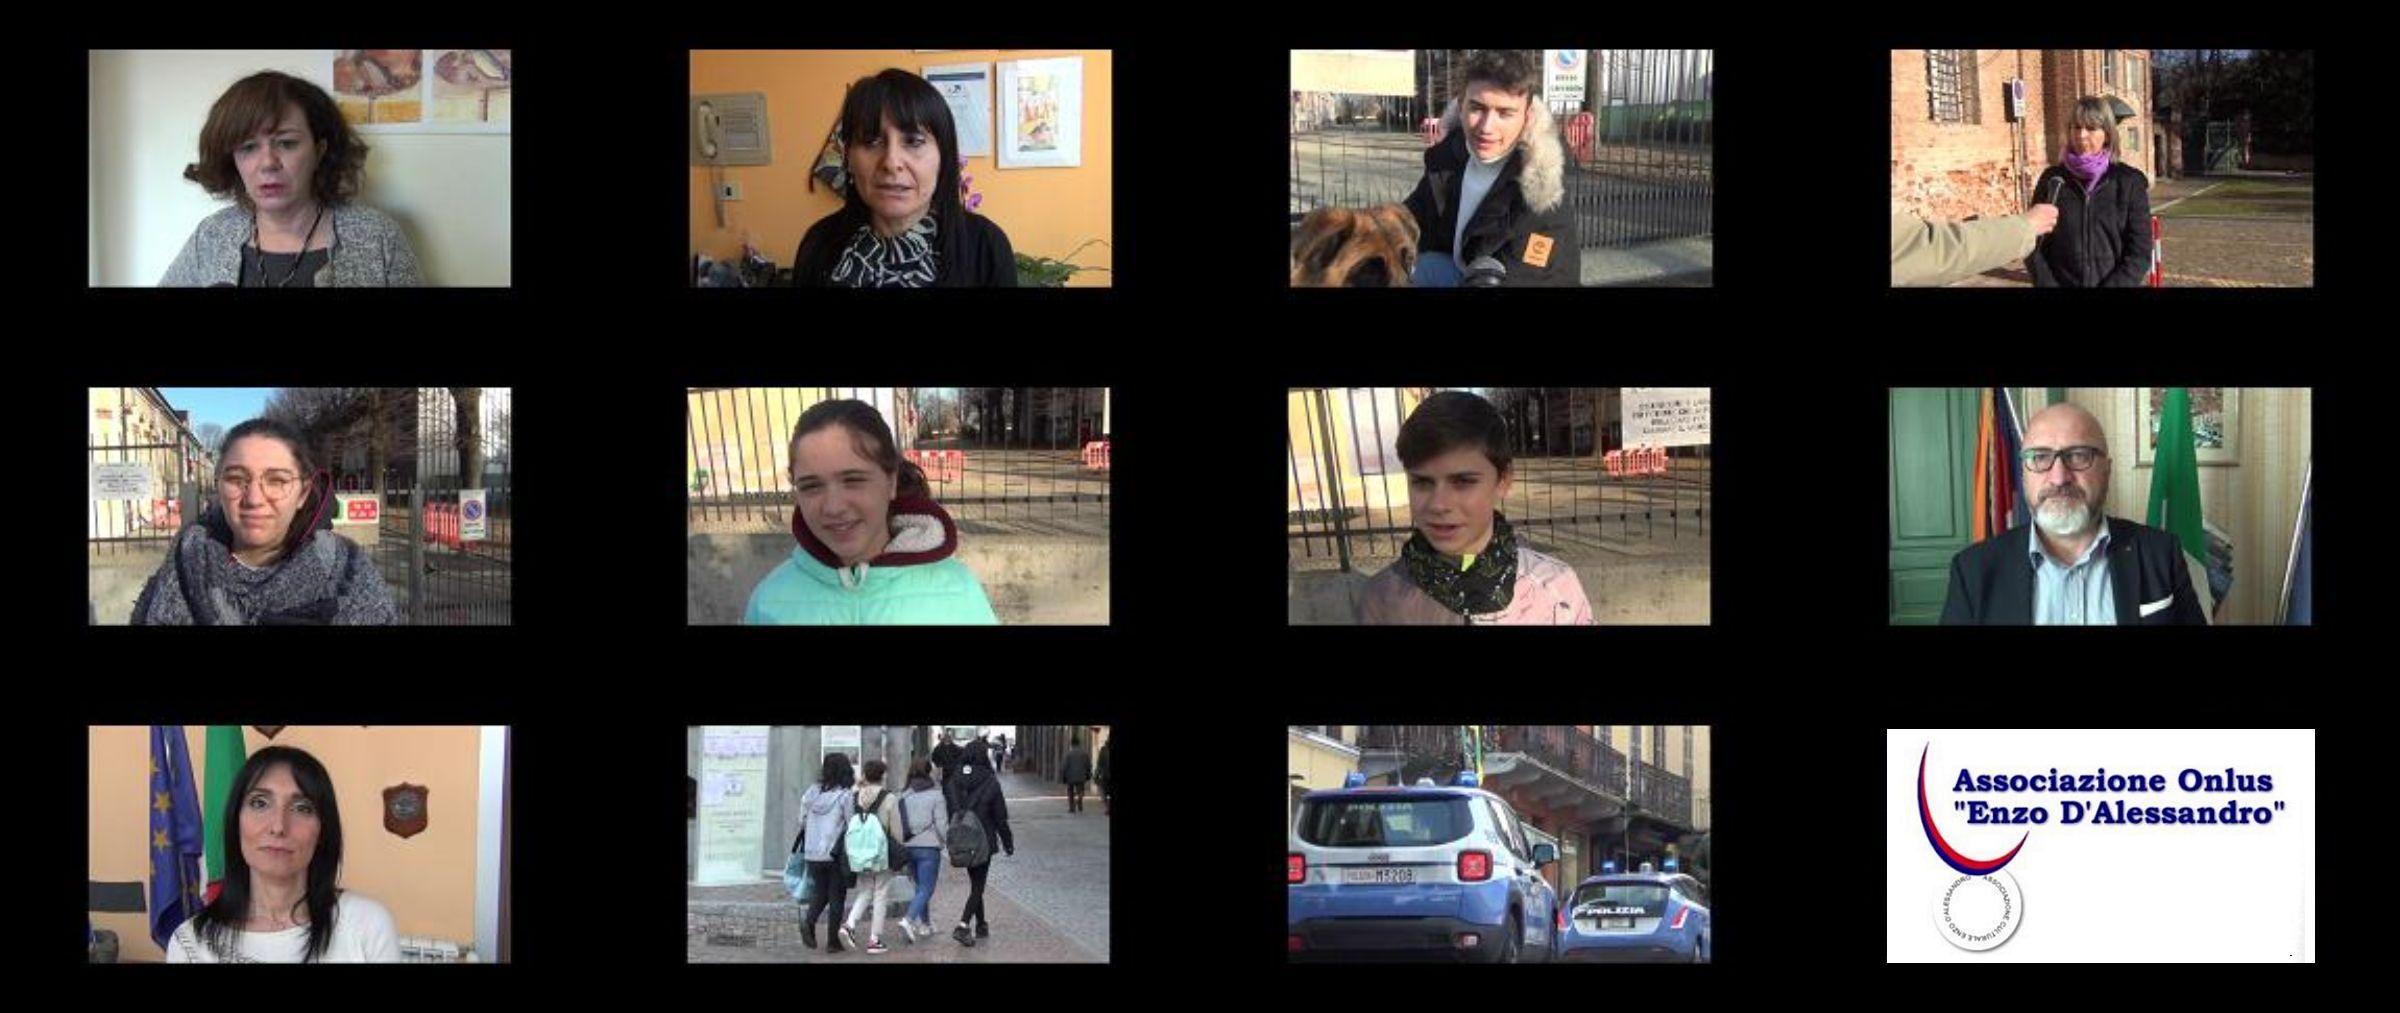 CANAVESE - L'Associazione Enzo D'Alessandro lancia il video: «Tutti uniti contro il bullismo» - VIDEO